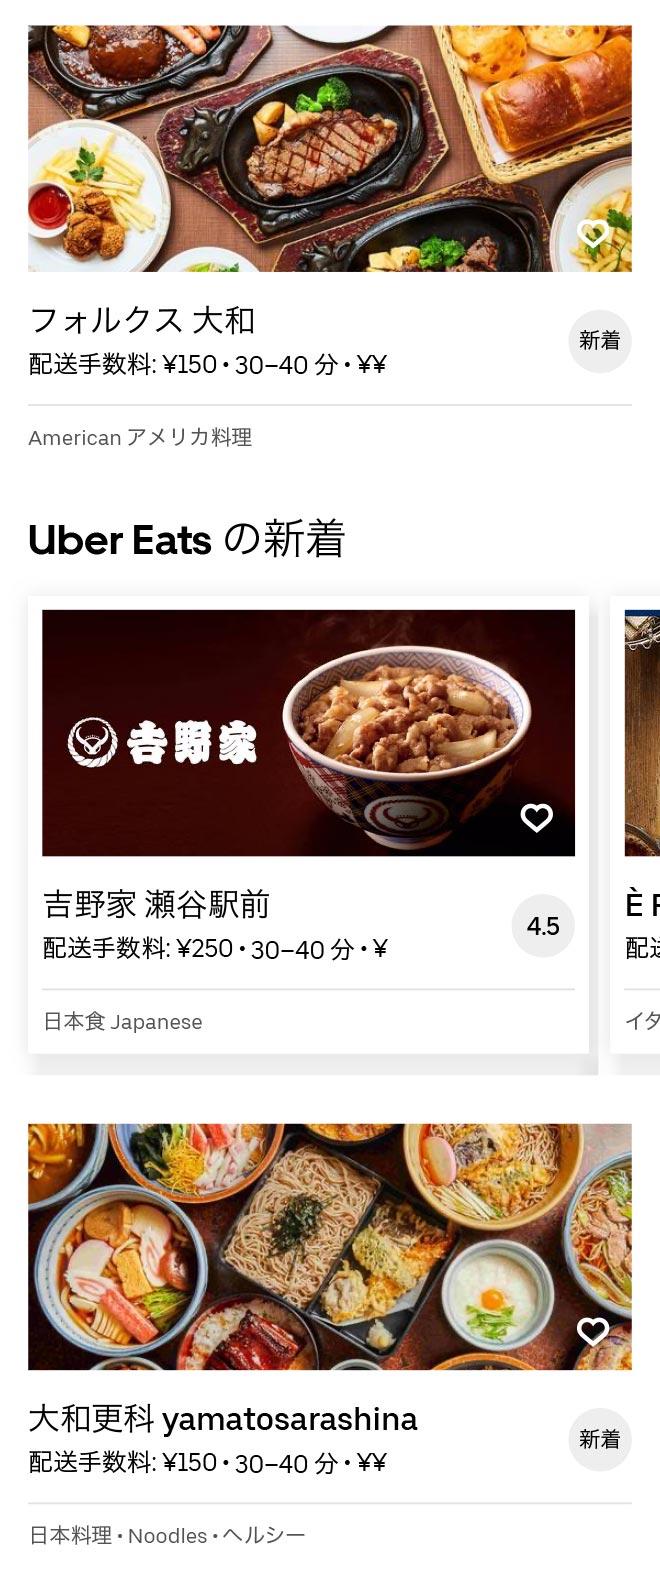 Yamato menu 2008 02